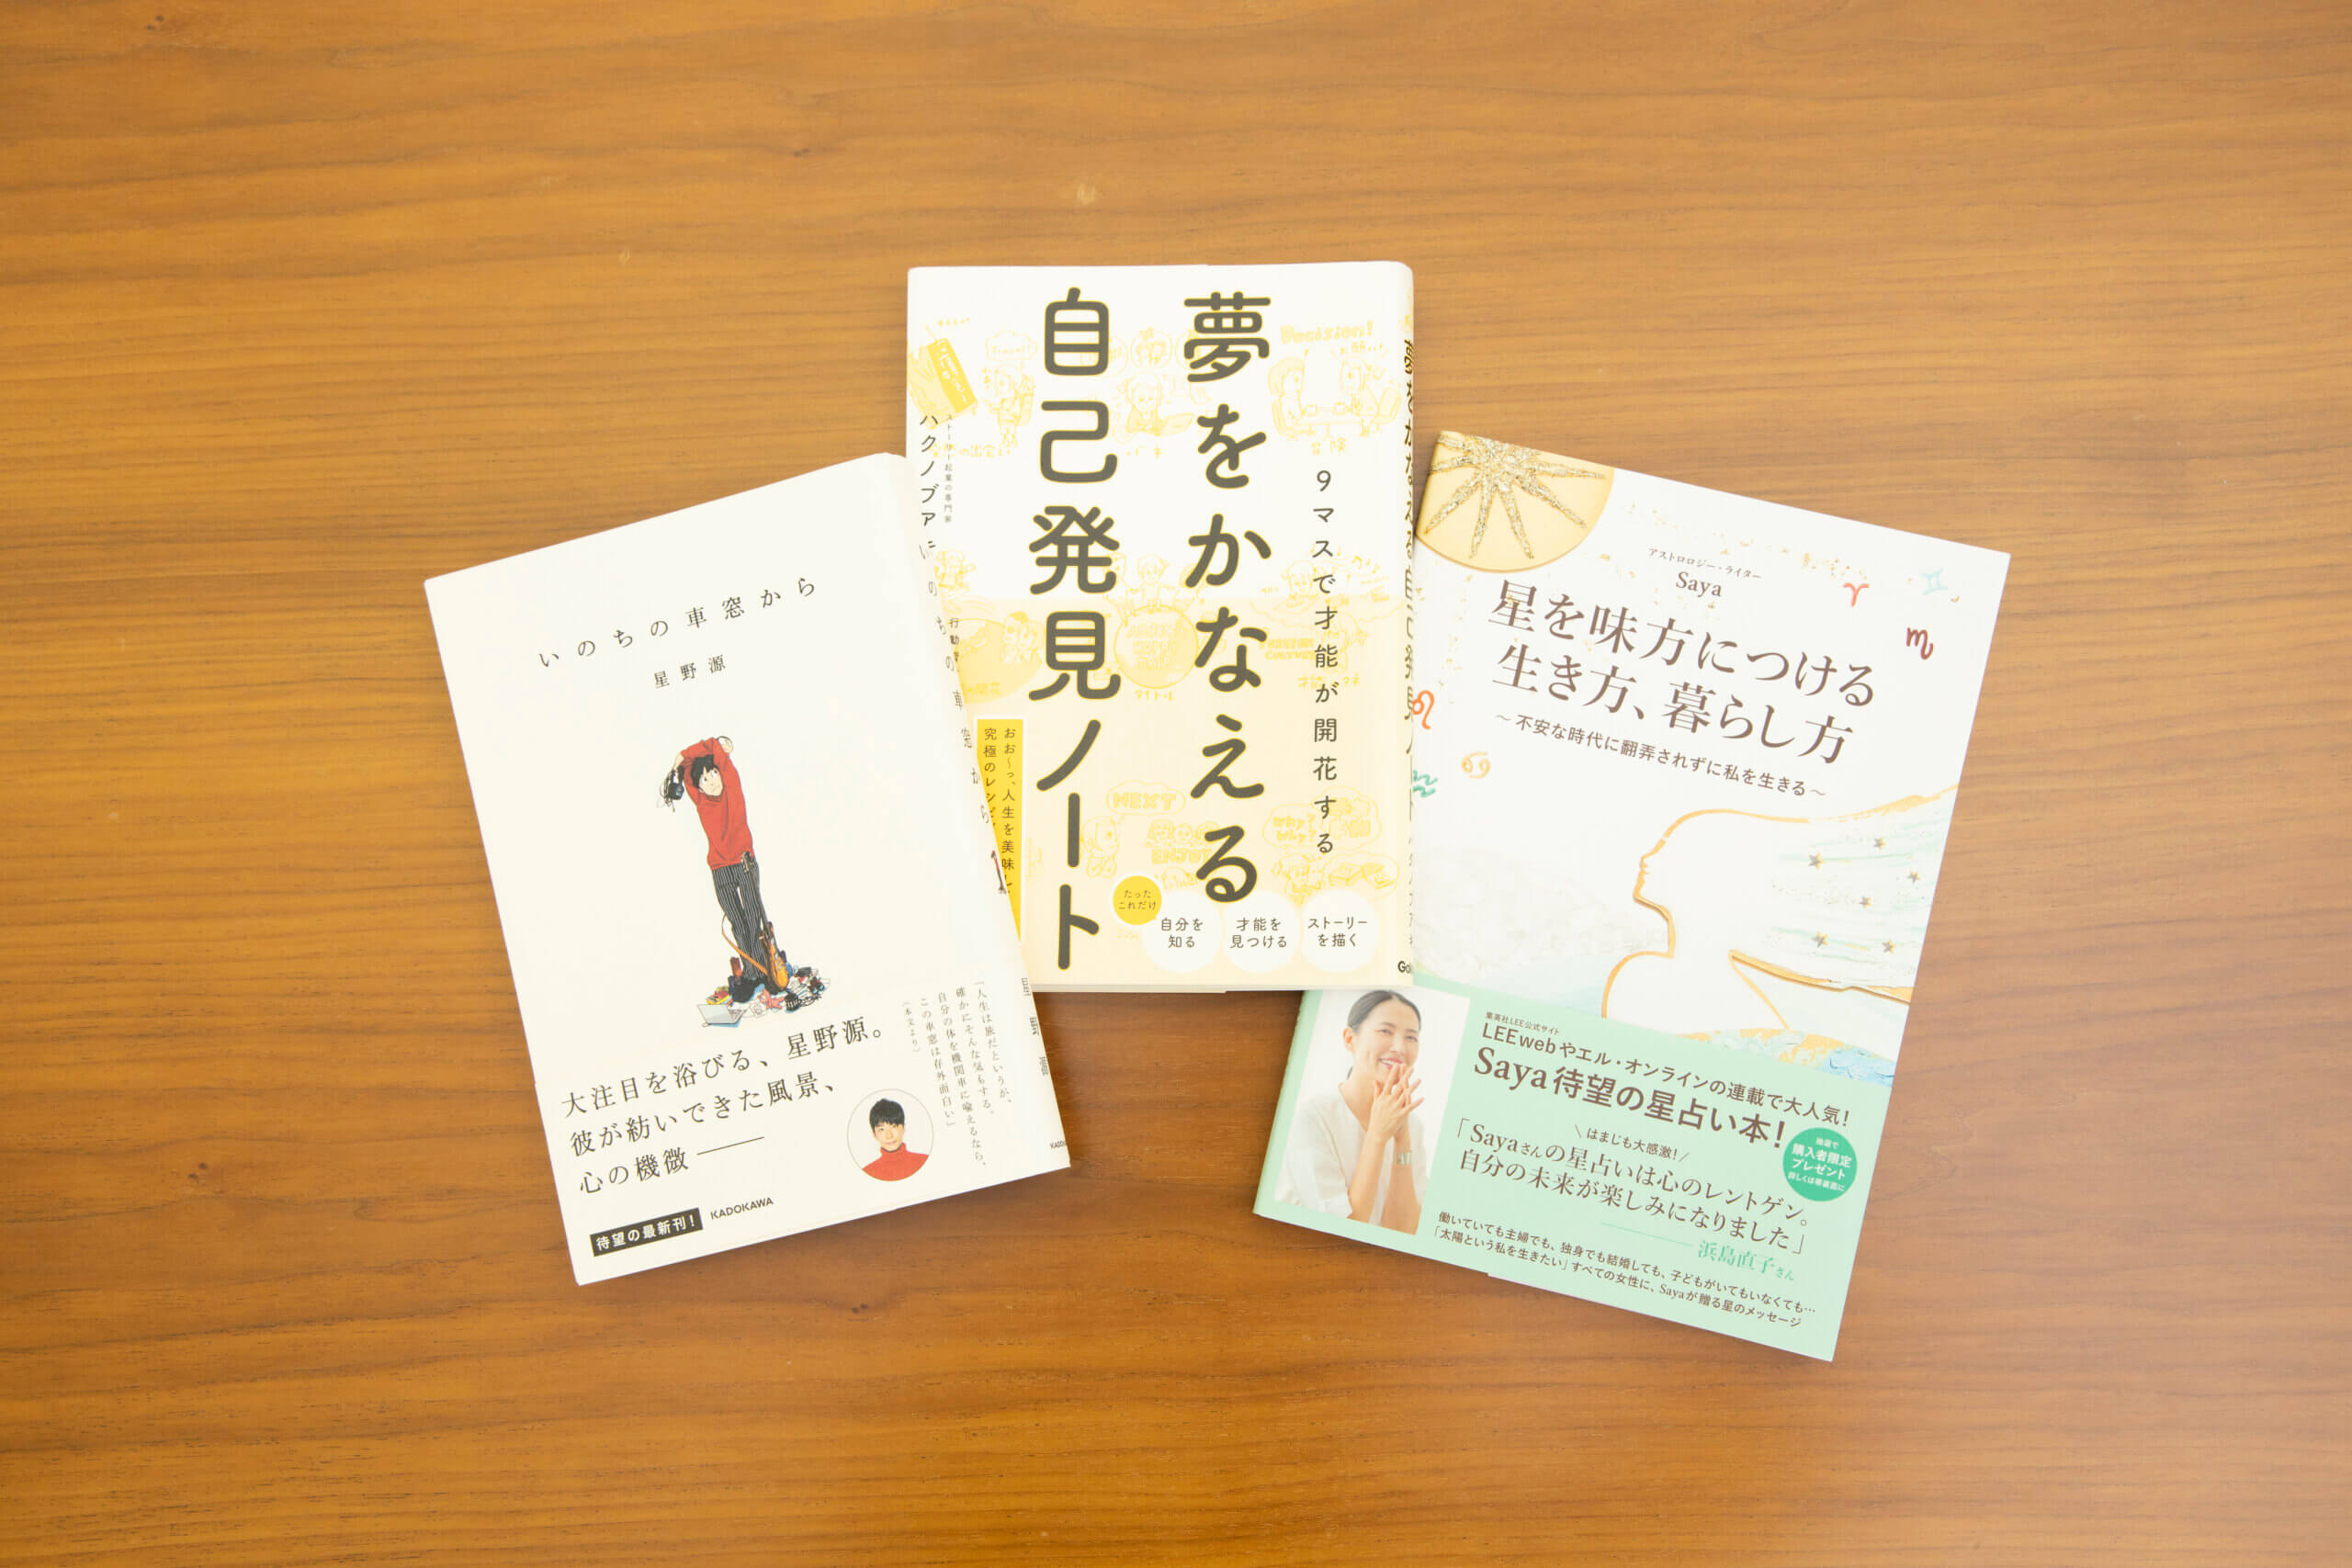 最近の愛読書。左から、星野源さんの「いのちの車窓から」、ハクノブアキさんの「夢をかなえる自己発見ノート」、LEEでもおなじみのSayaさんの「星を味方につける生き方、暮らし方」。